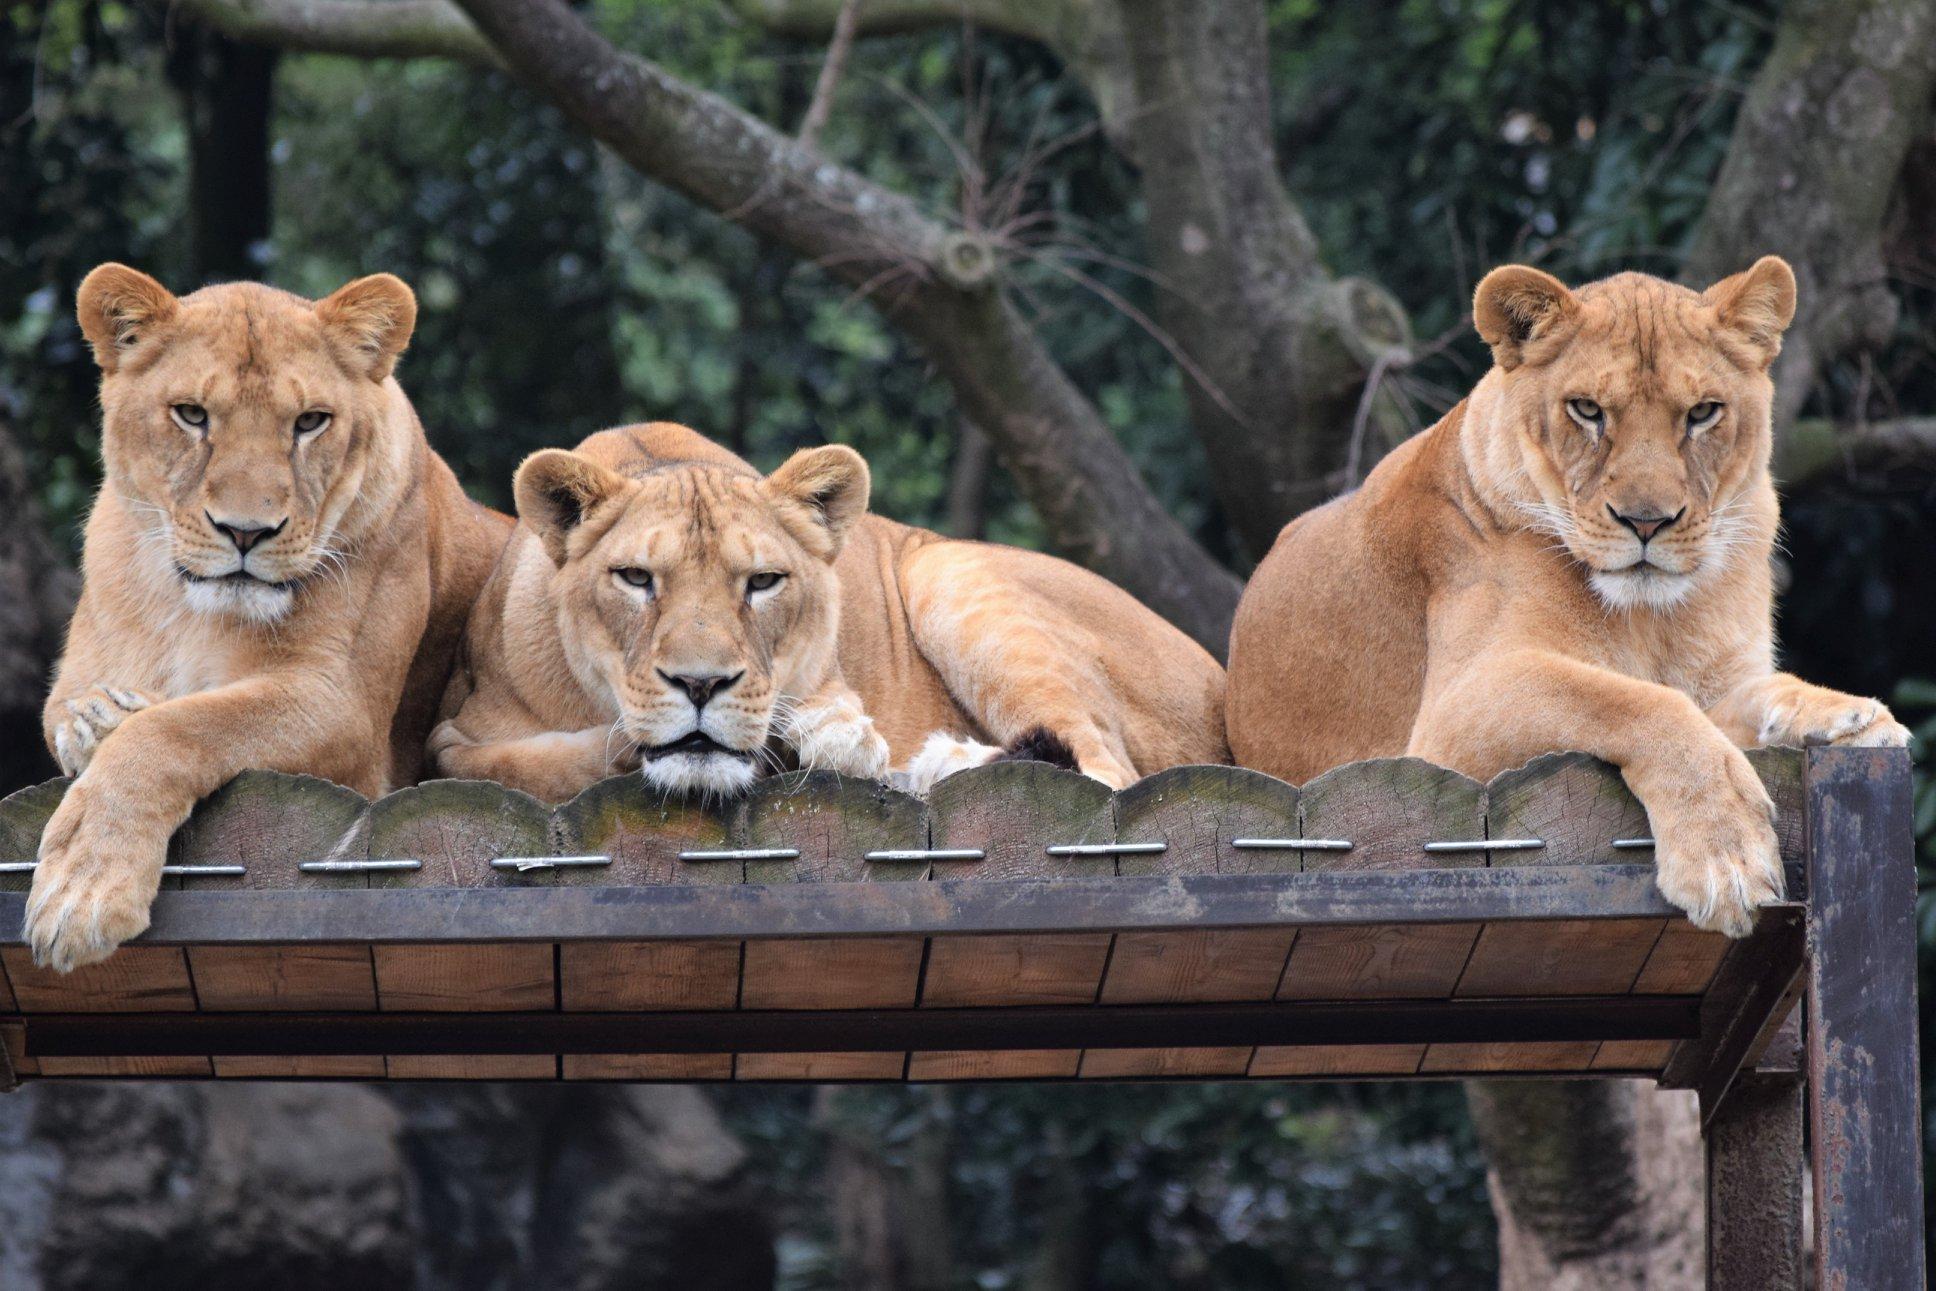 旁邊的真獅子亦看得目瞪口呆。Twitter圖片